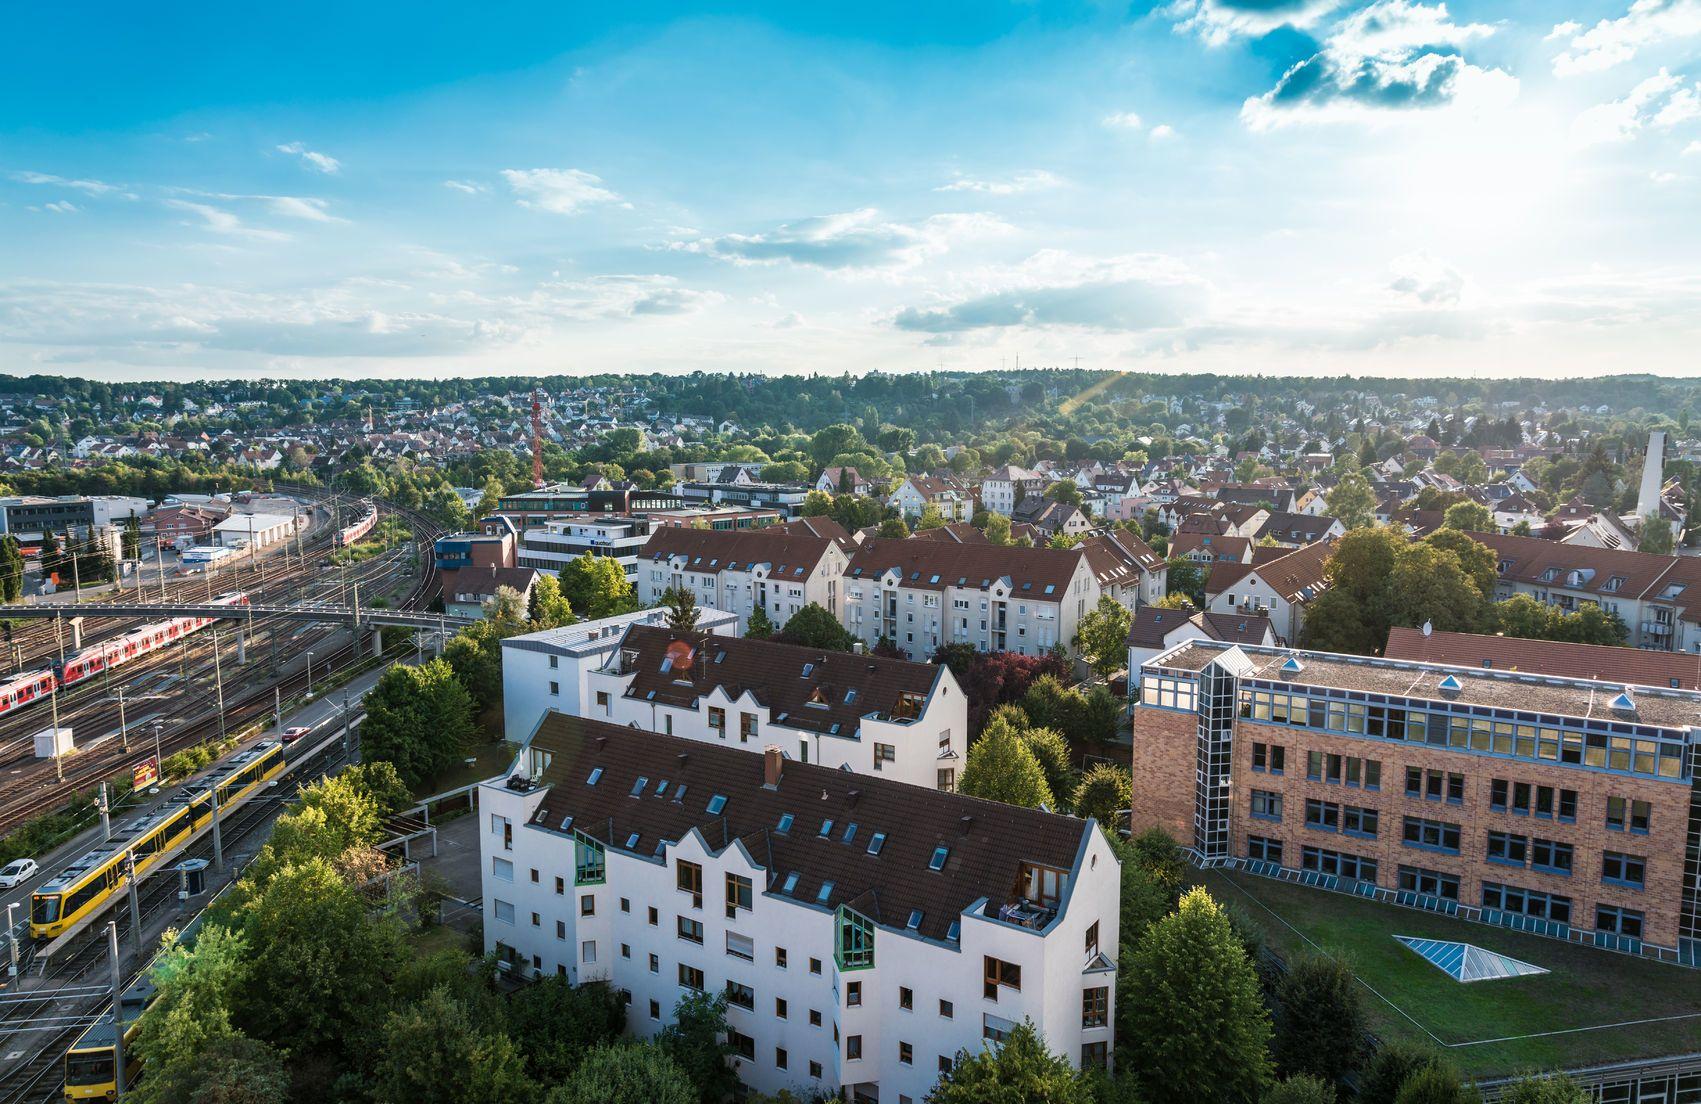 Německé město Stuttgart | iloveotto/123RF.com